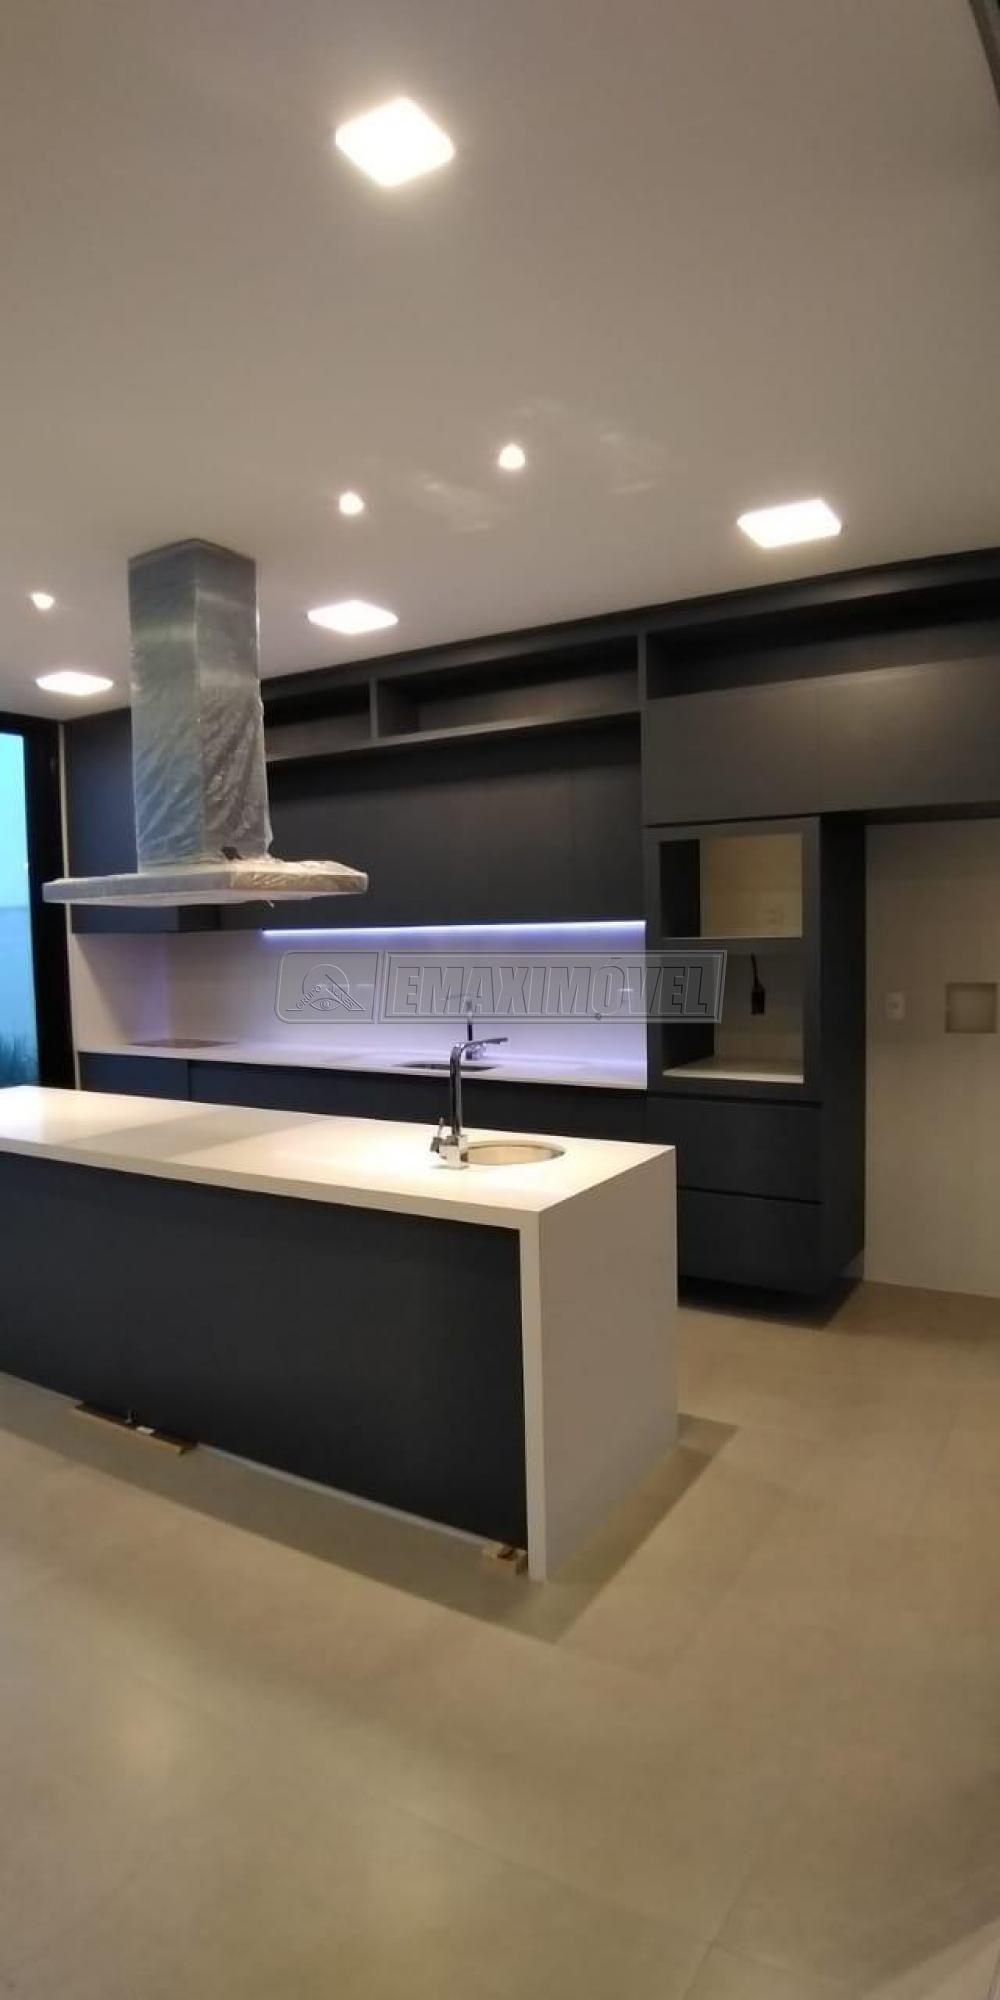 Comprar Casas / em Condomínios em Votorantim apenas R$ 2.100.000,00 - Foto 7